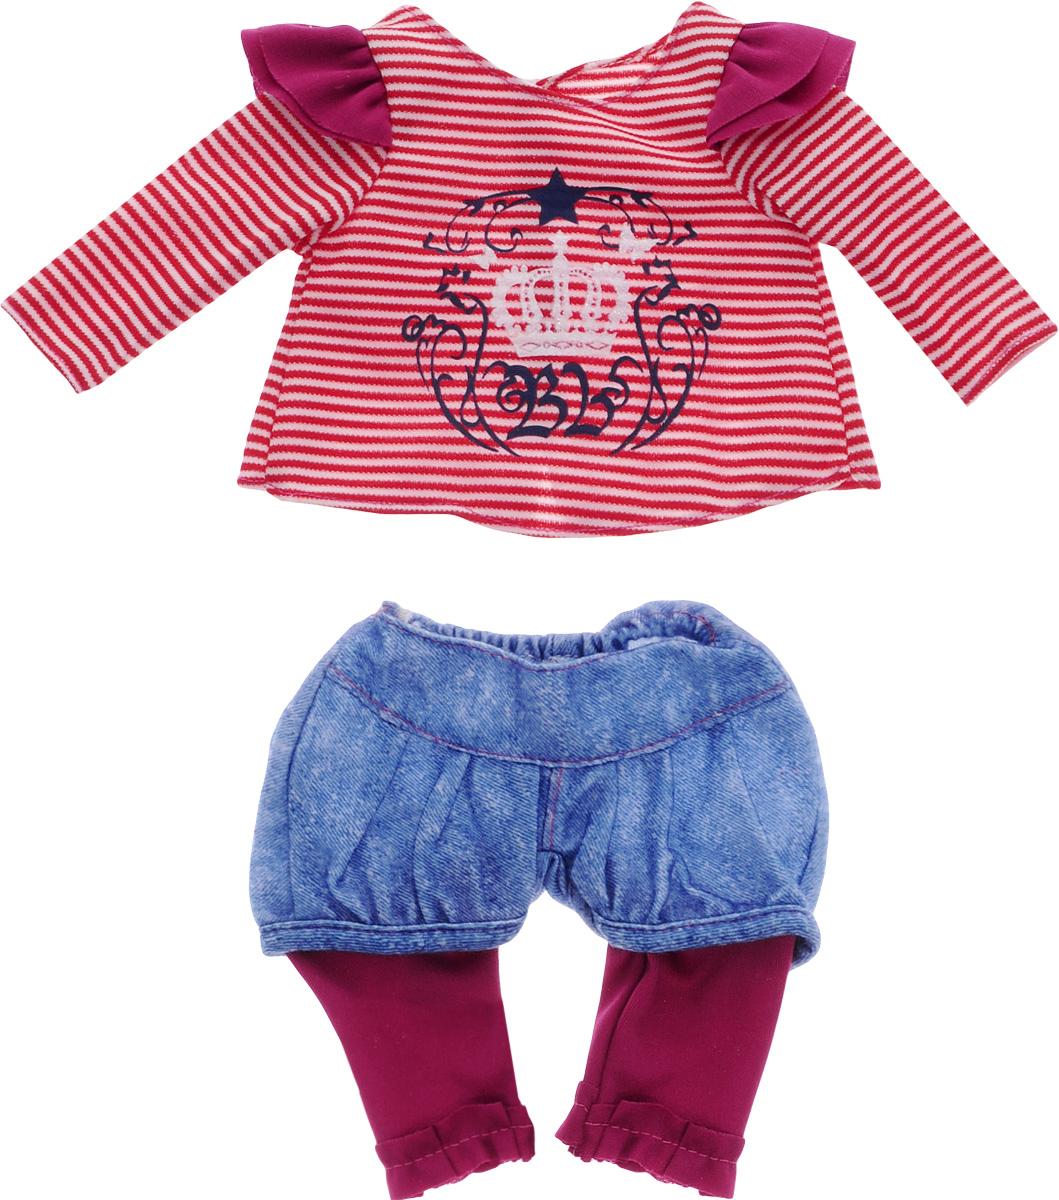 Купить Junfa Toys Кофточка и штаны для кукол Doll Dress, Junfa Toys Ltd, Куклы и аксессуары